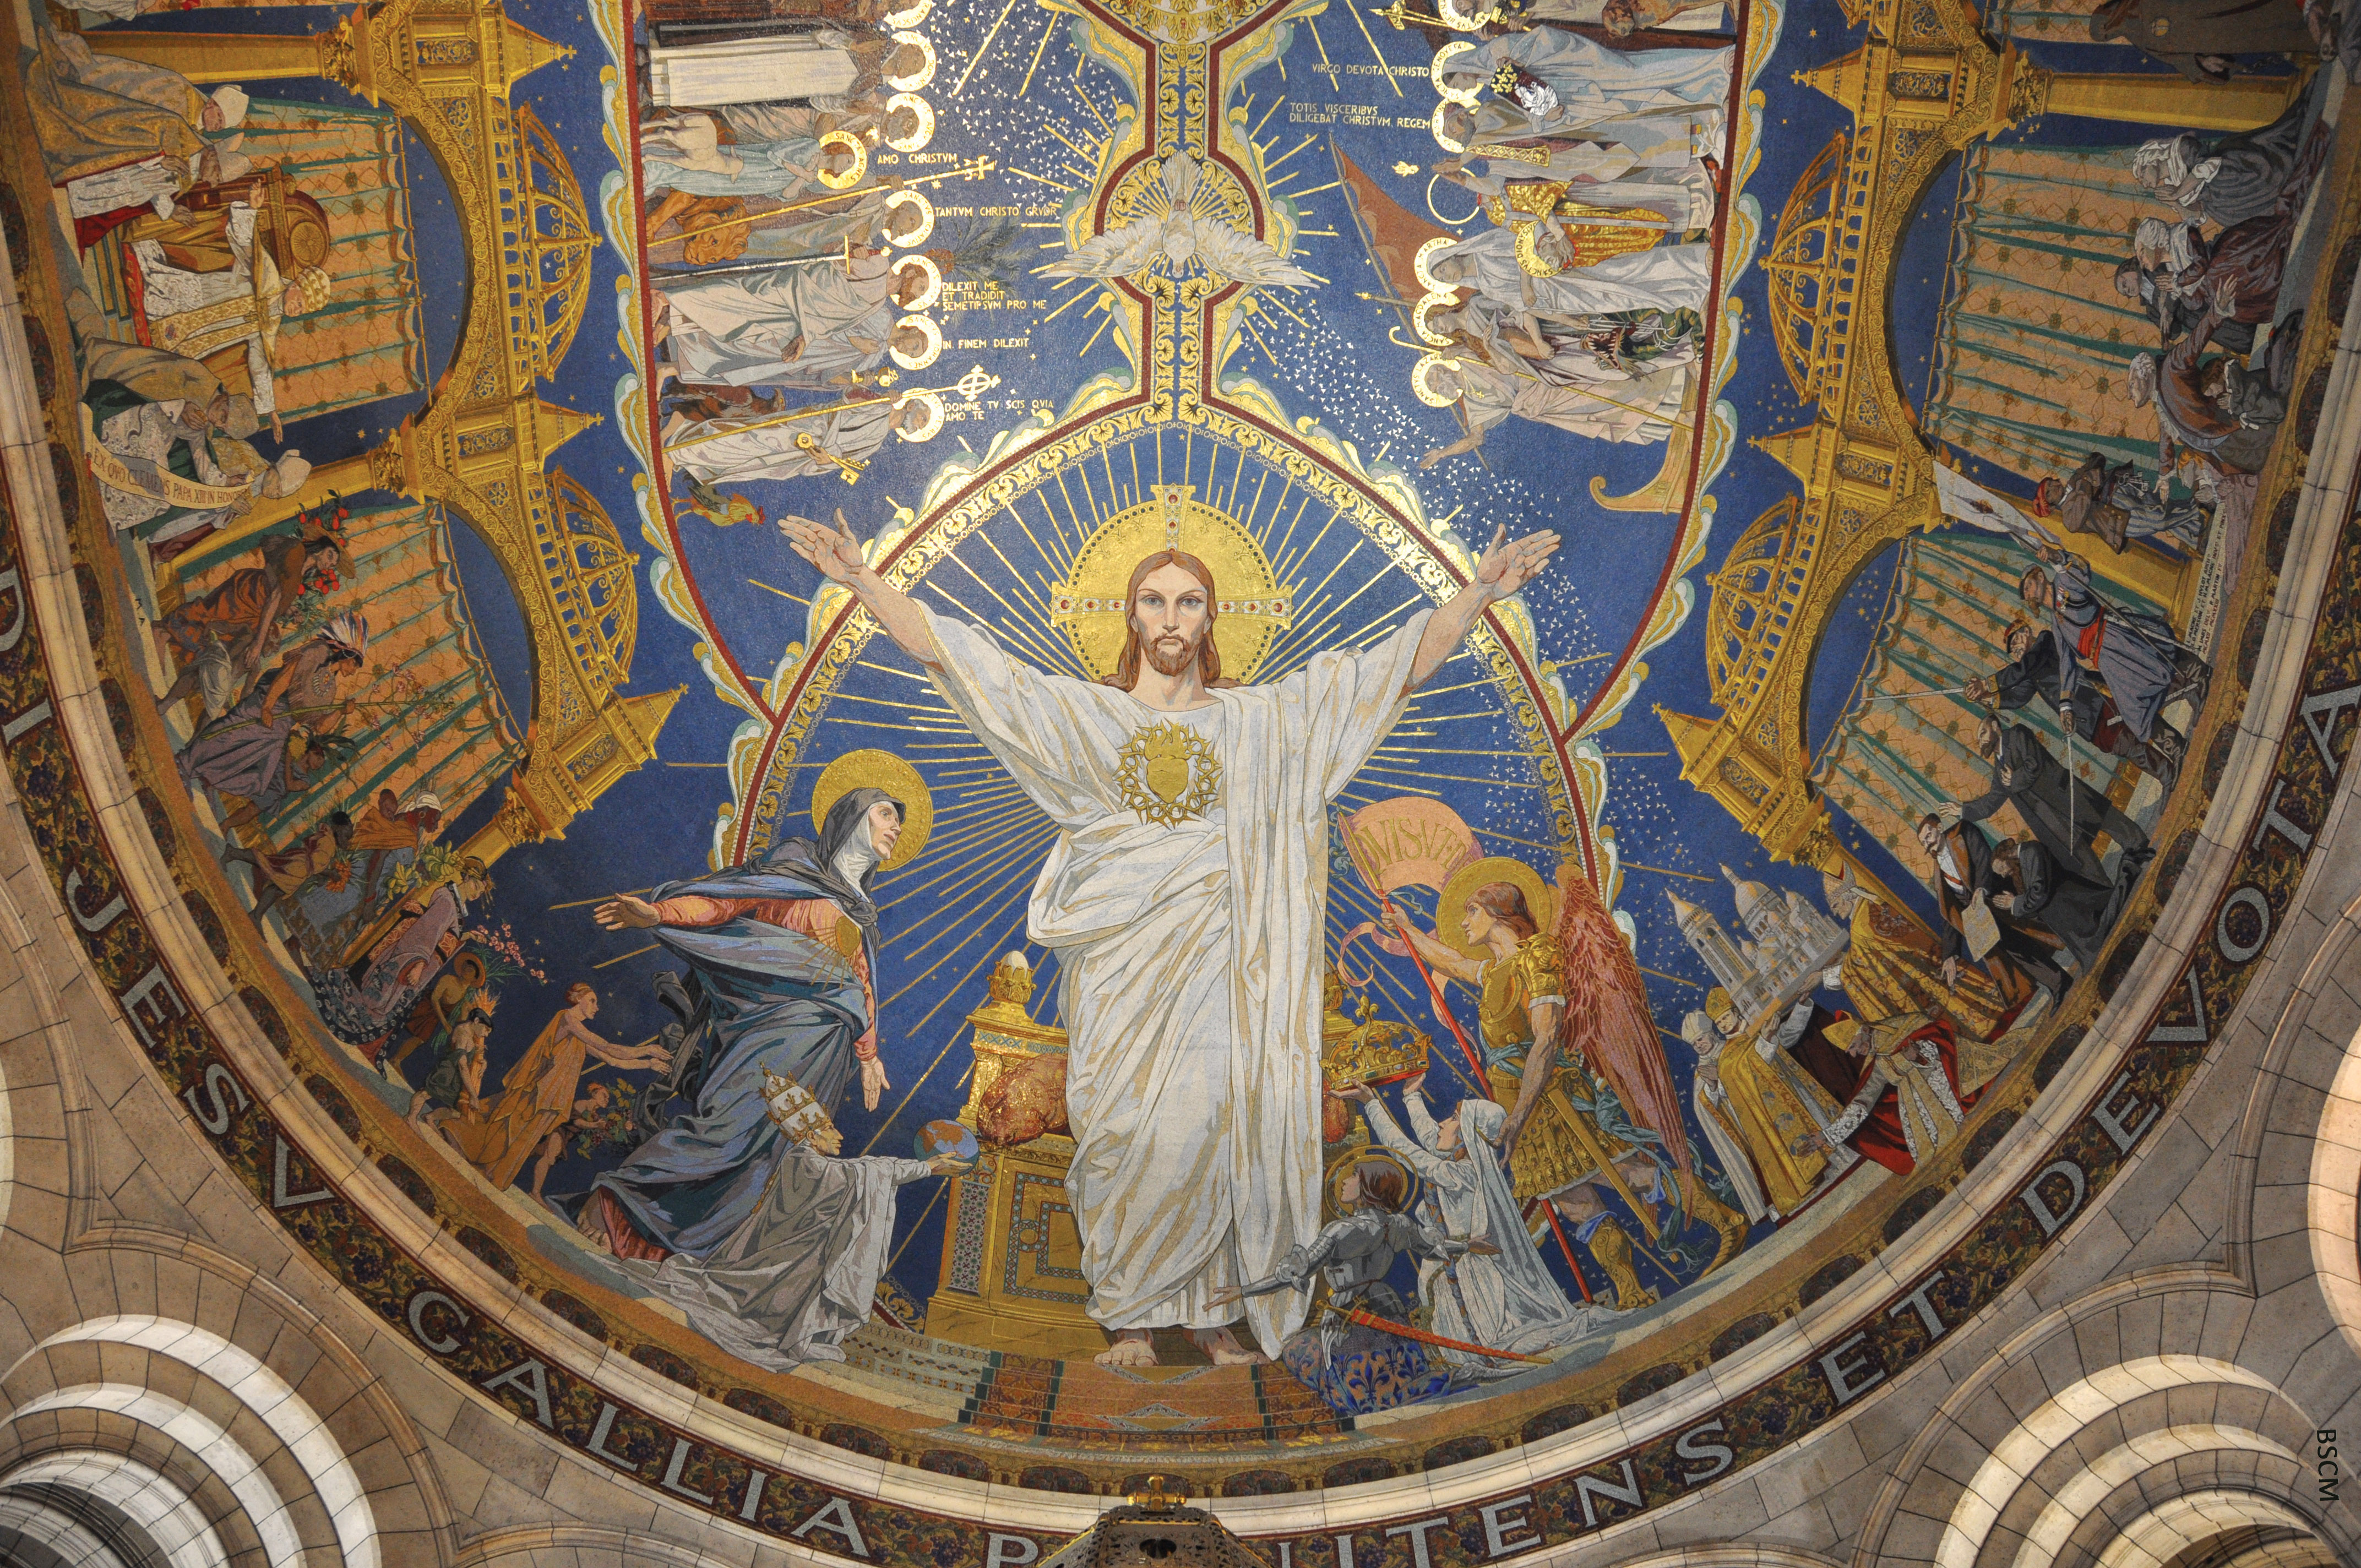 La célèbre mosaïque du chœur de la basilique du Sacré-Cœur de Montmartre